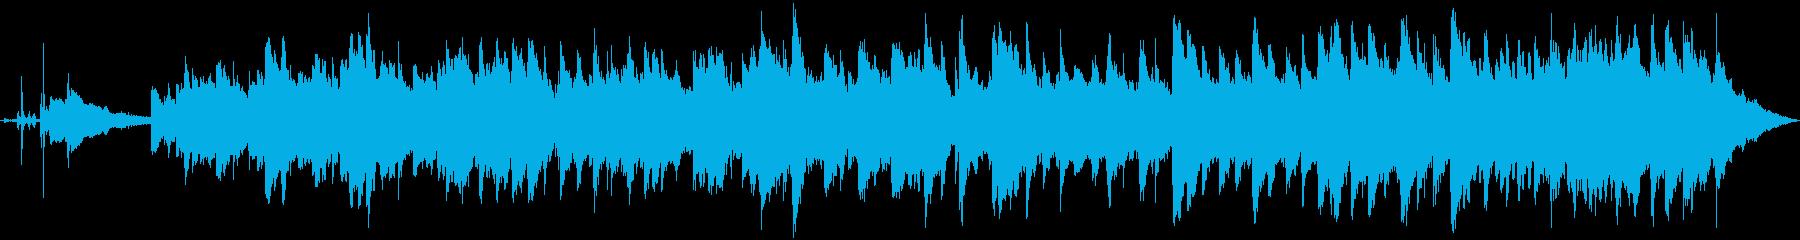 1890年のドイツのディスクオルゴ...の再生済みの波形